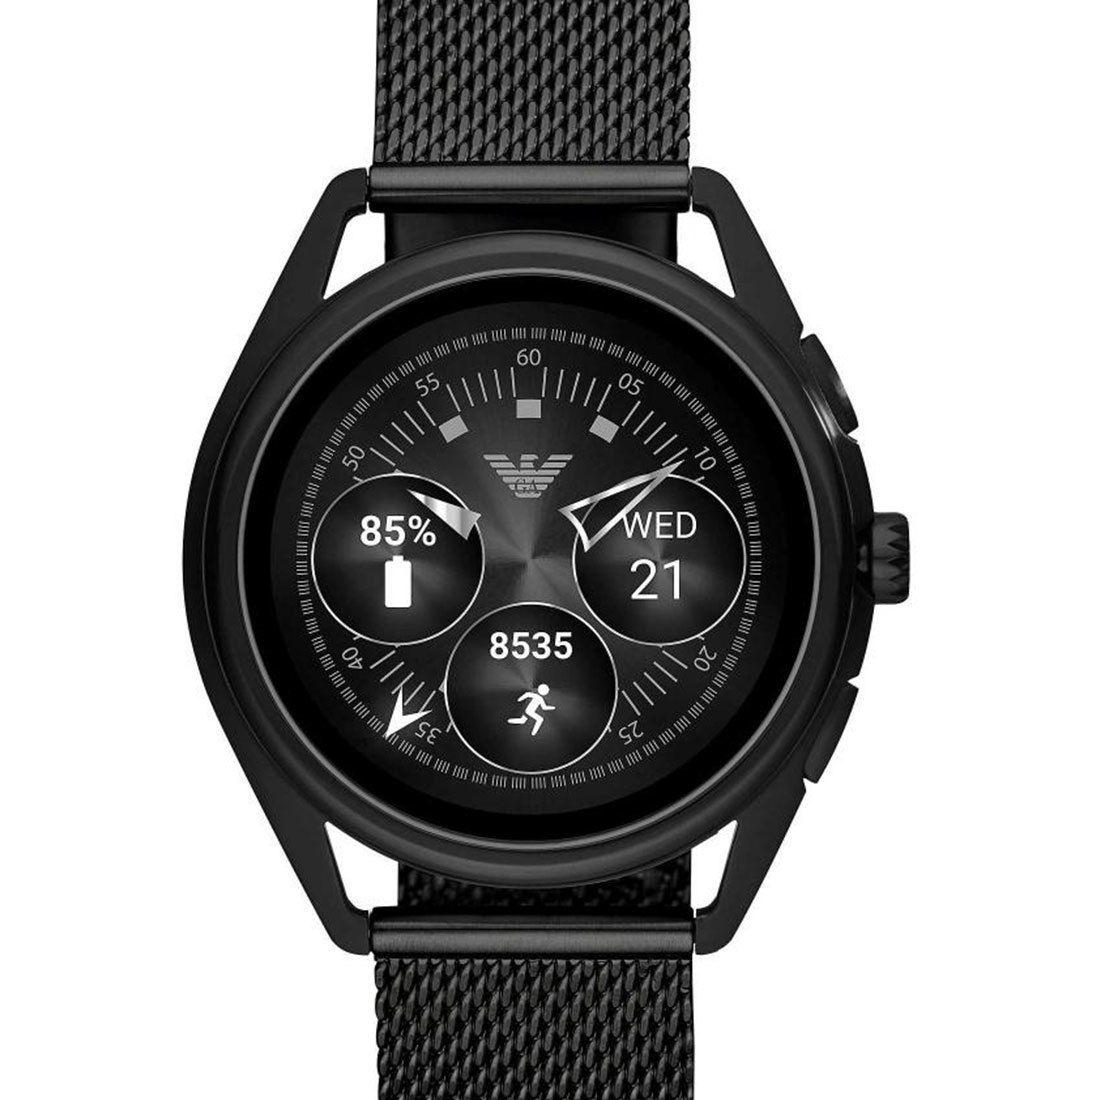 Emporio Armani Male Smartwatch